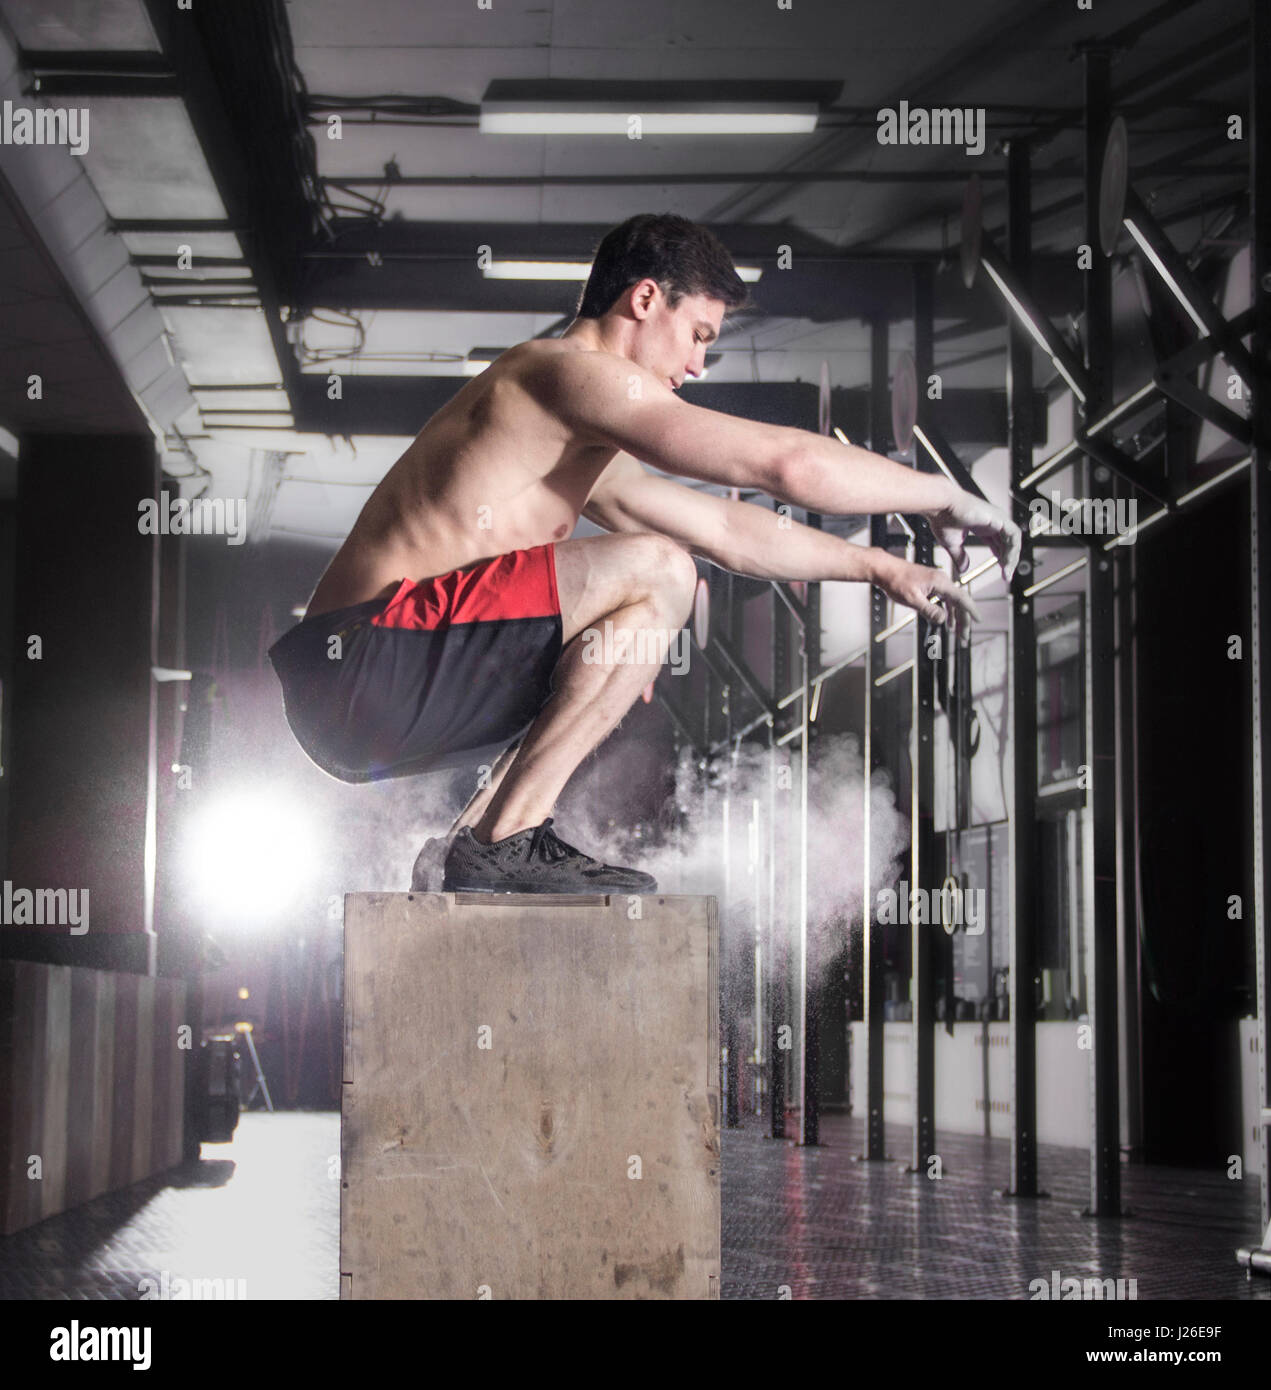 Mettre en place jeune homme fort à un gym crossfit.Athlète est performinBanque D'Images